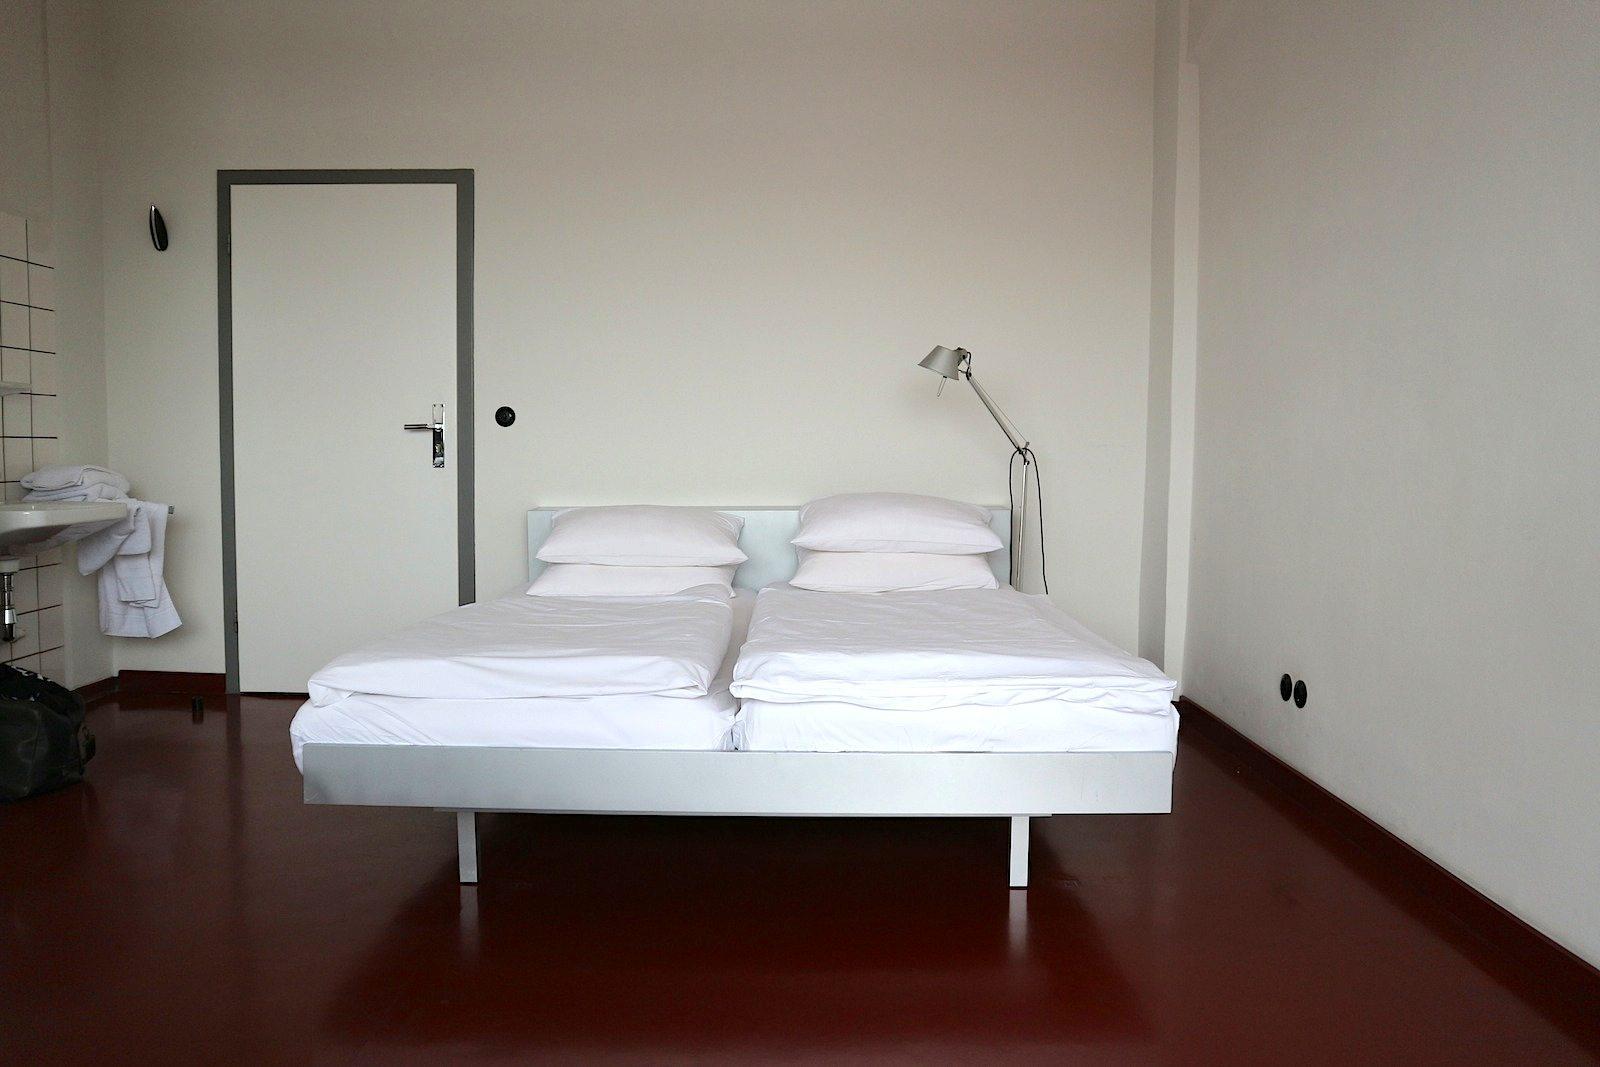 Konzentration. Ein Bett, eine Nachttischlampe, Decken und Kissen. Mehr ...